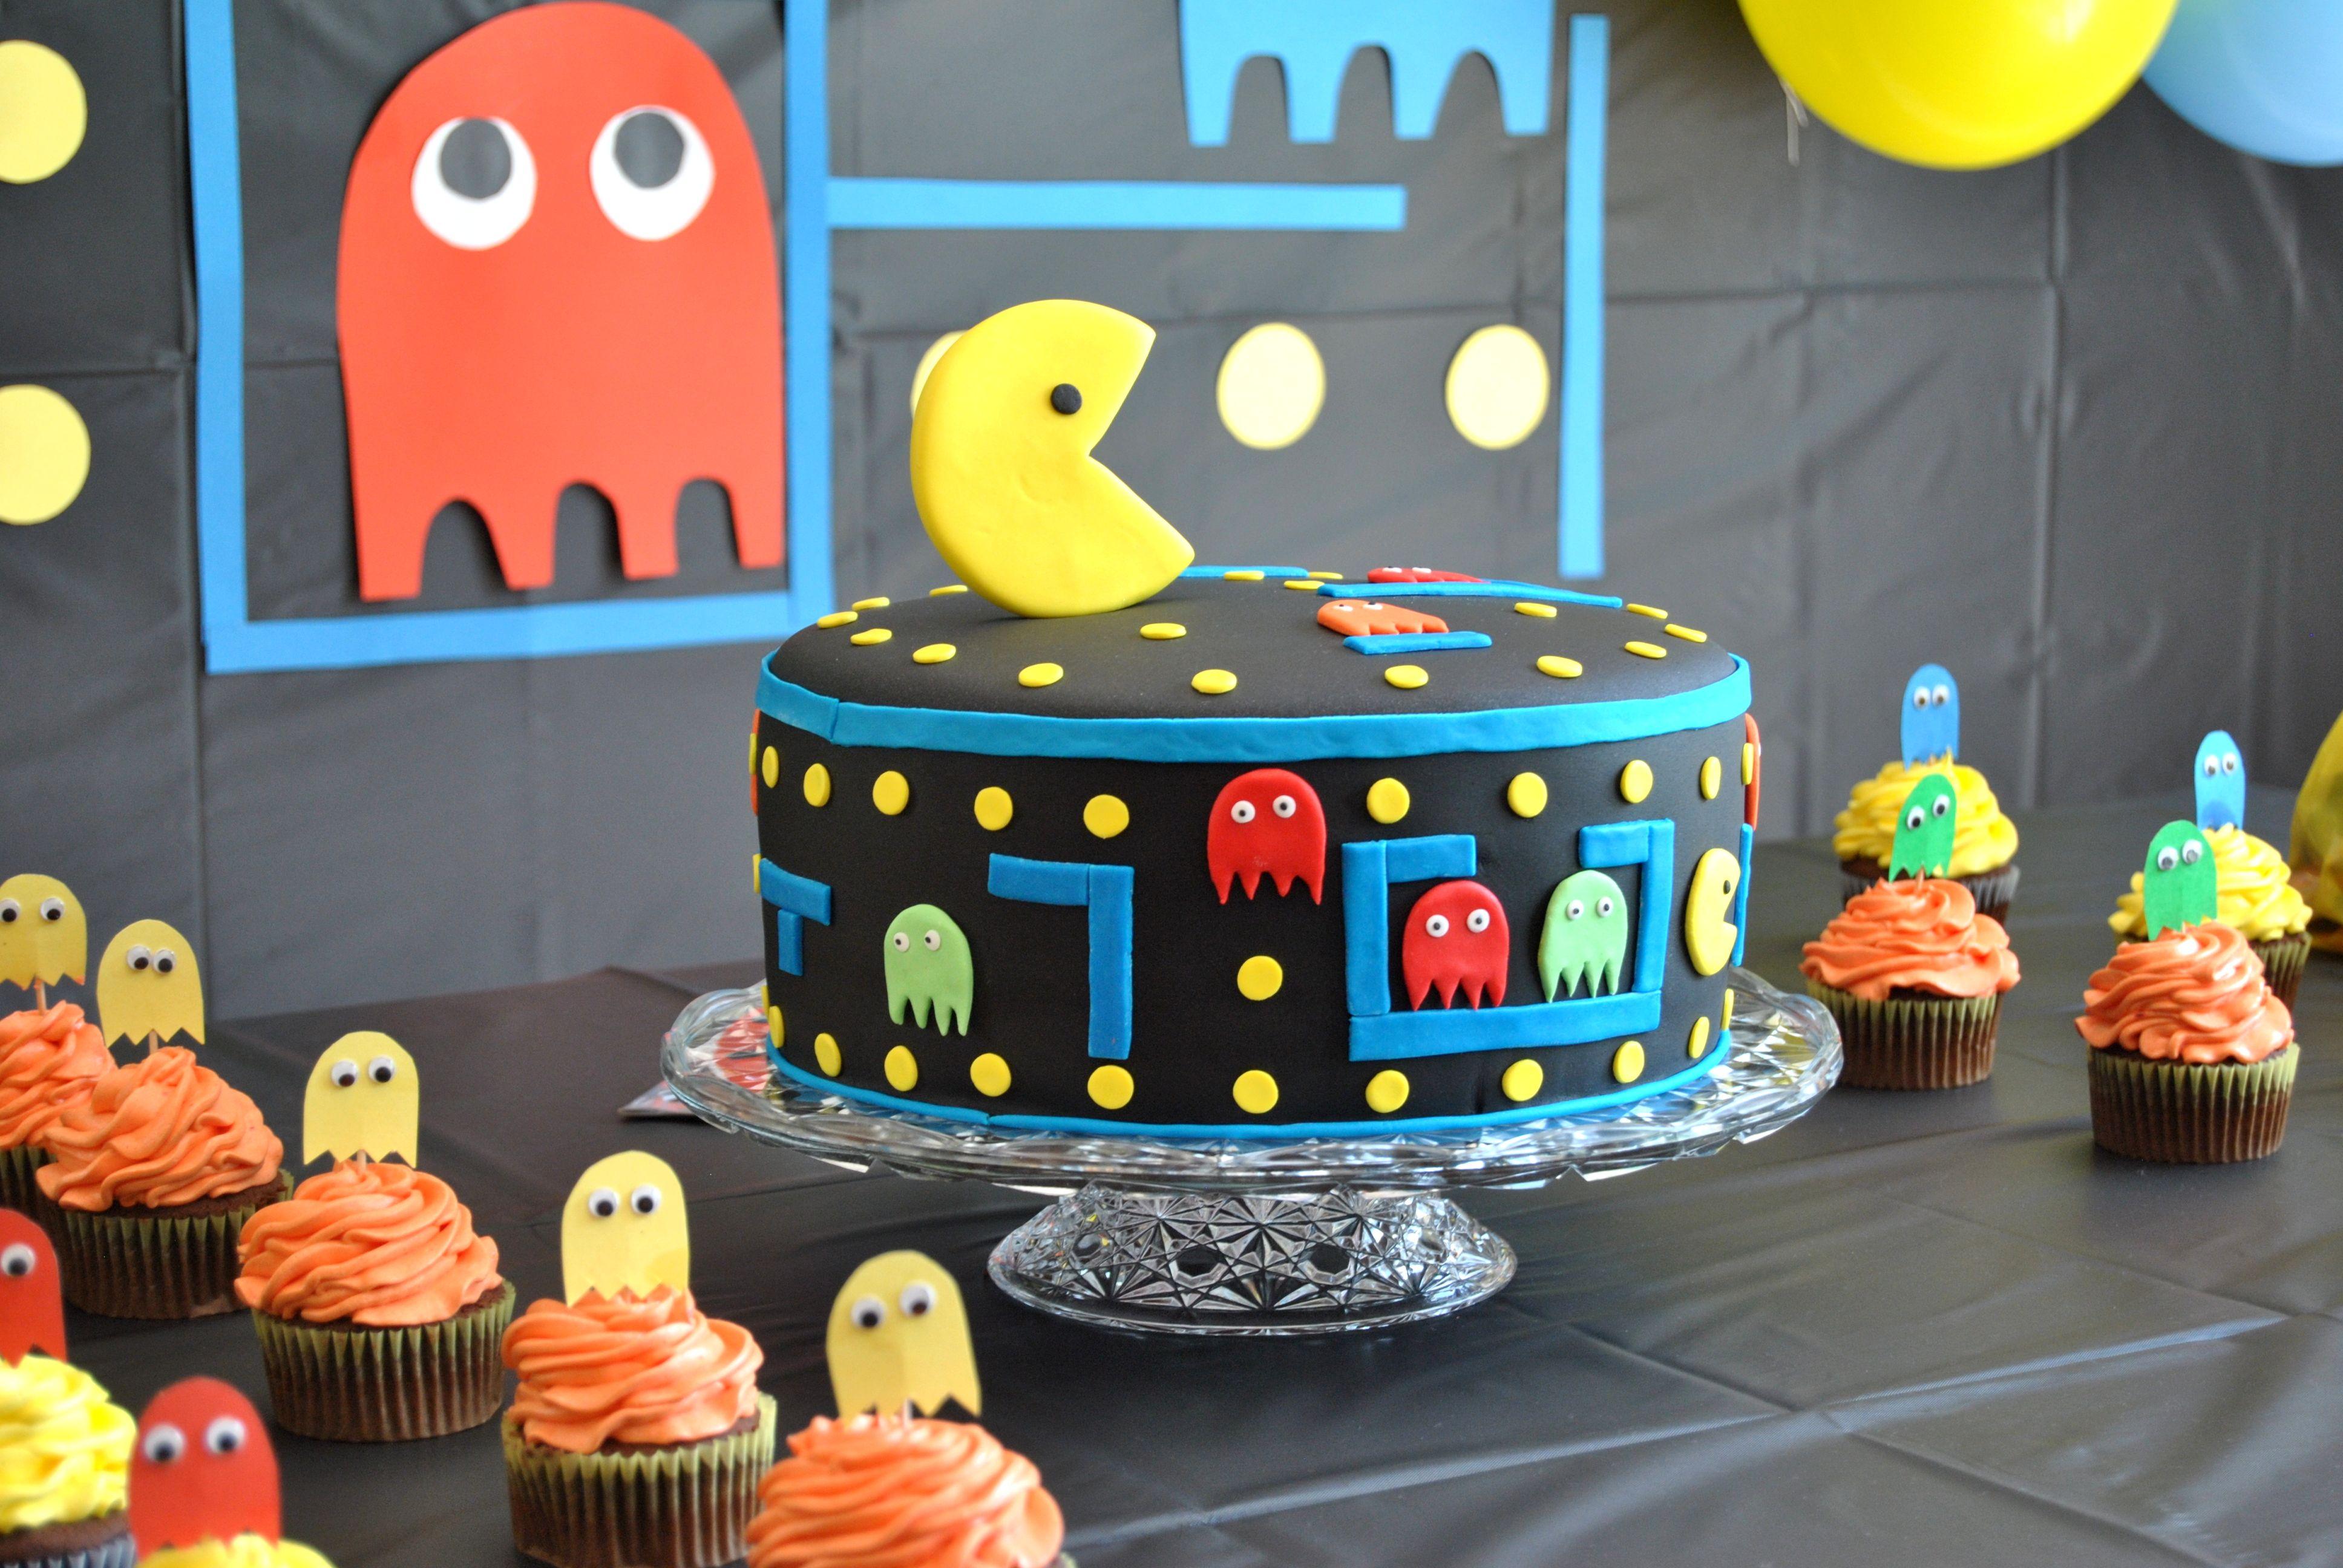 Cumpleaños de Joshua Pacman cake, pastel de vainilla con chocolate y